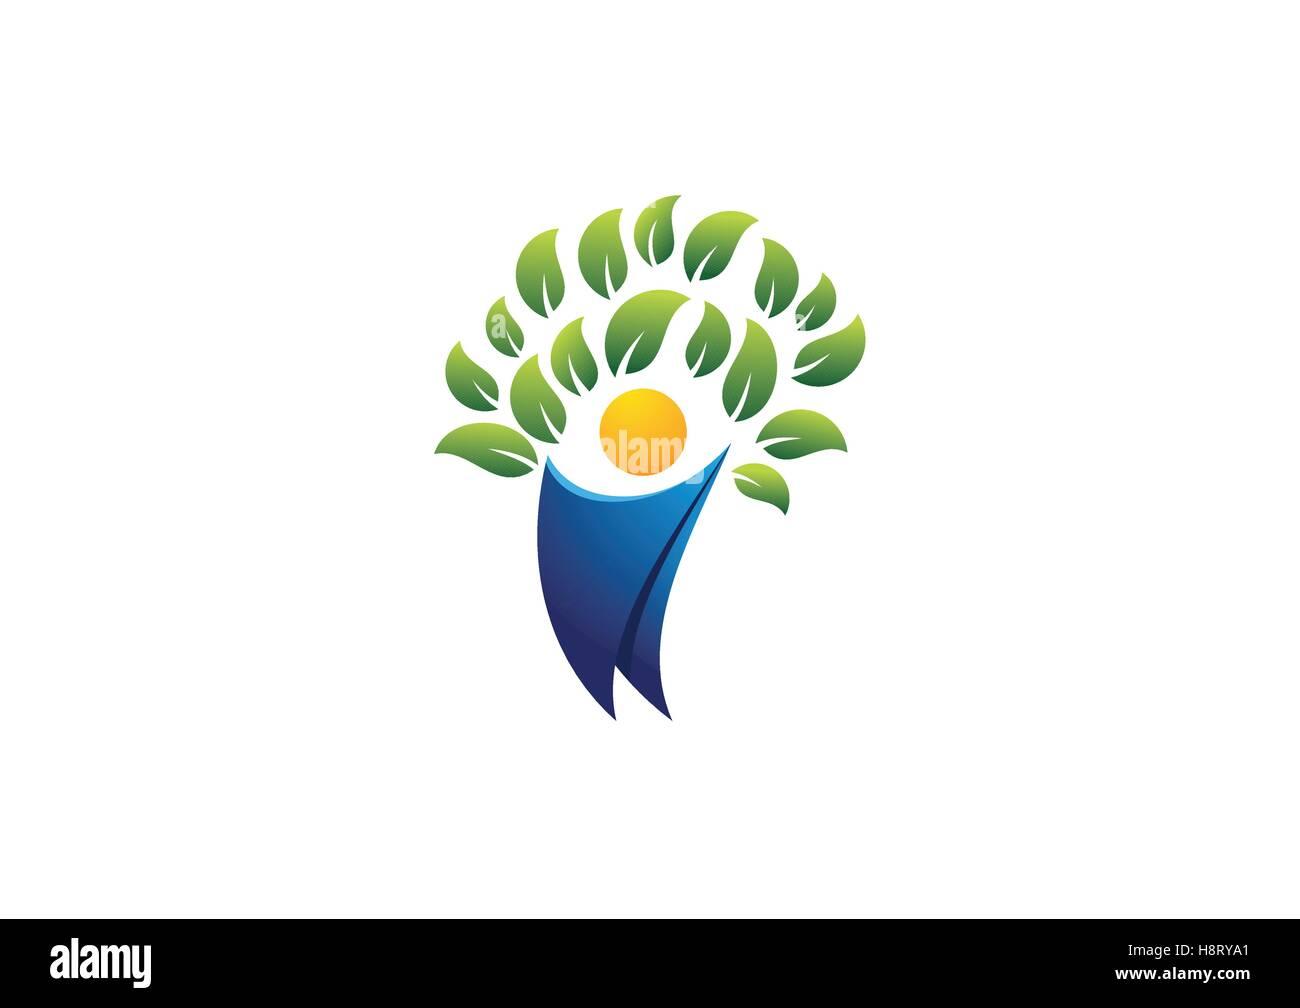 Persone Salute Logo Ad Albero Albero Persone Concetto Di Benessere Simbolo Icona Disegno Vettoriale Immagine E Vettoriale Alamy